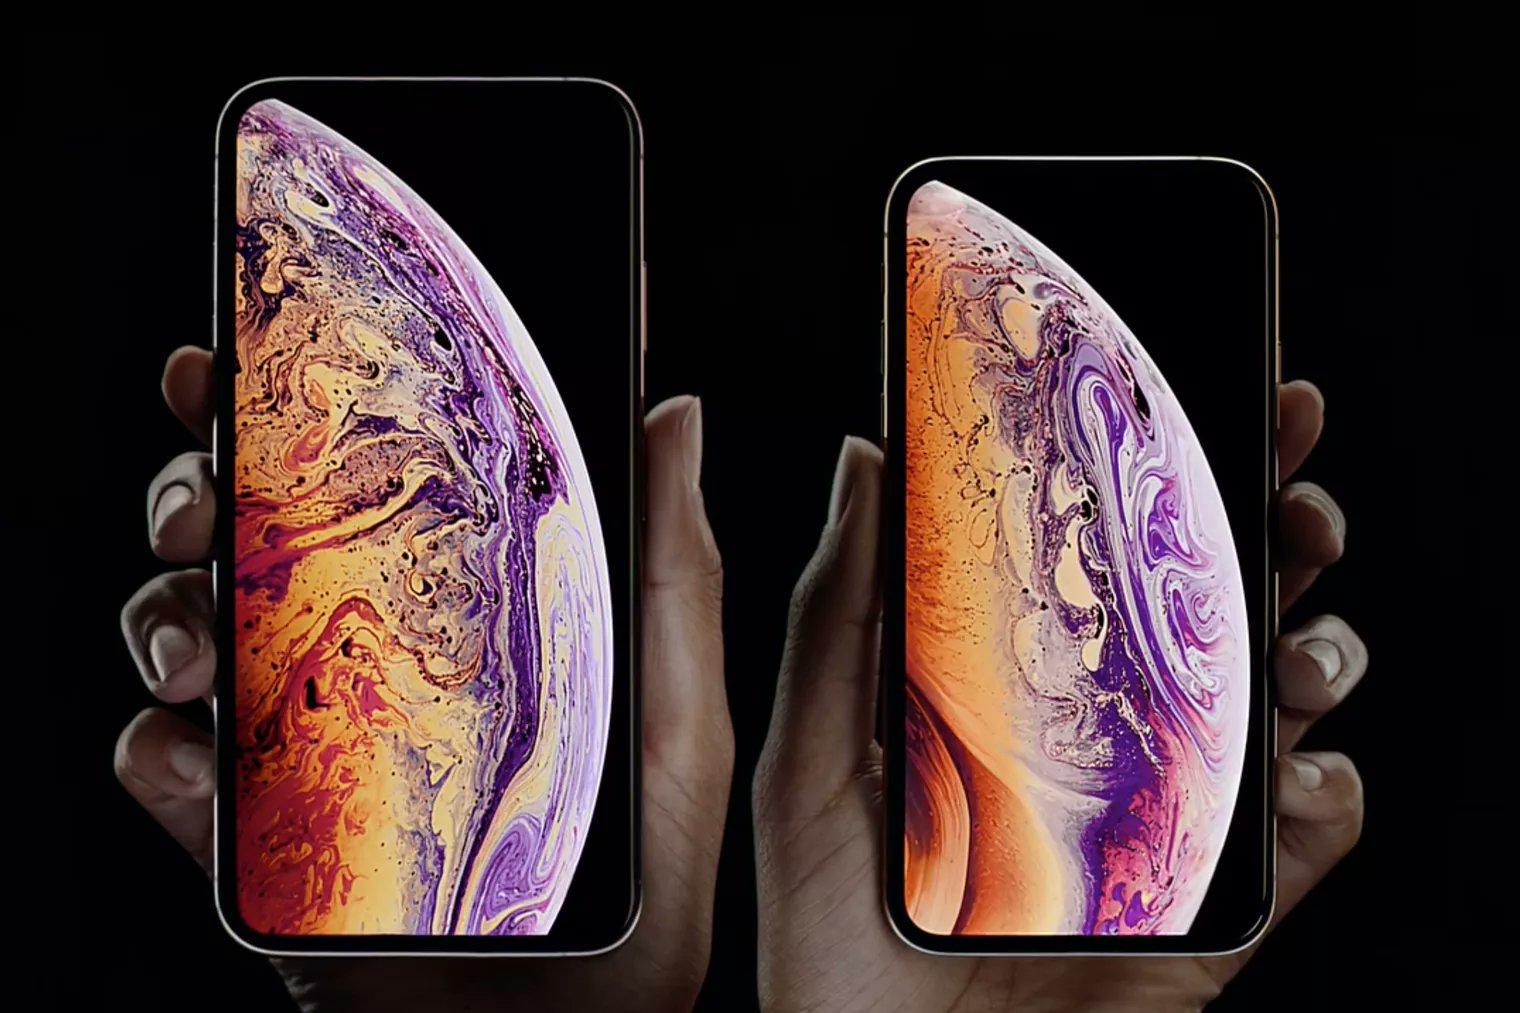 Xs iPhone pantaila konponketa kostuak Turkian ezpainak!